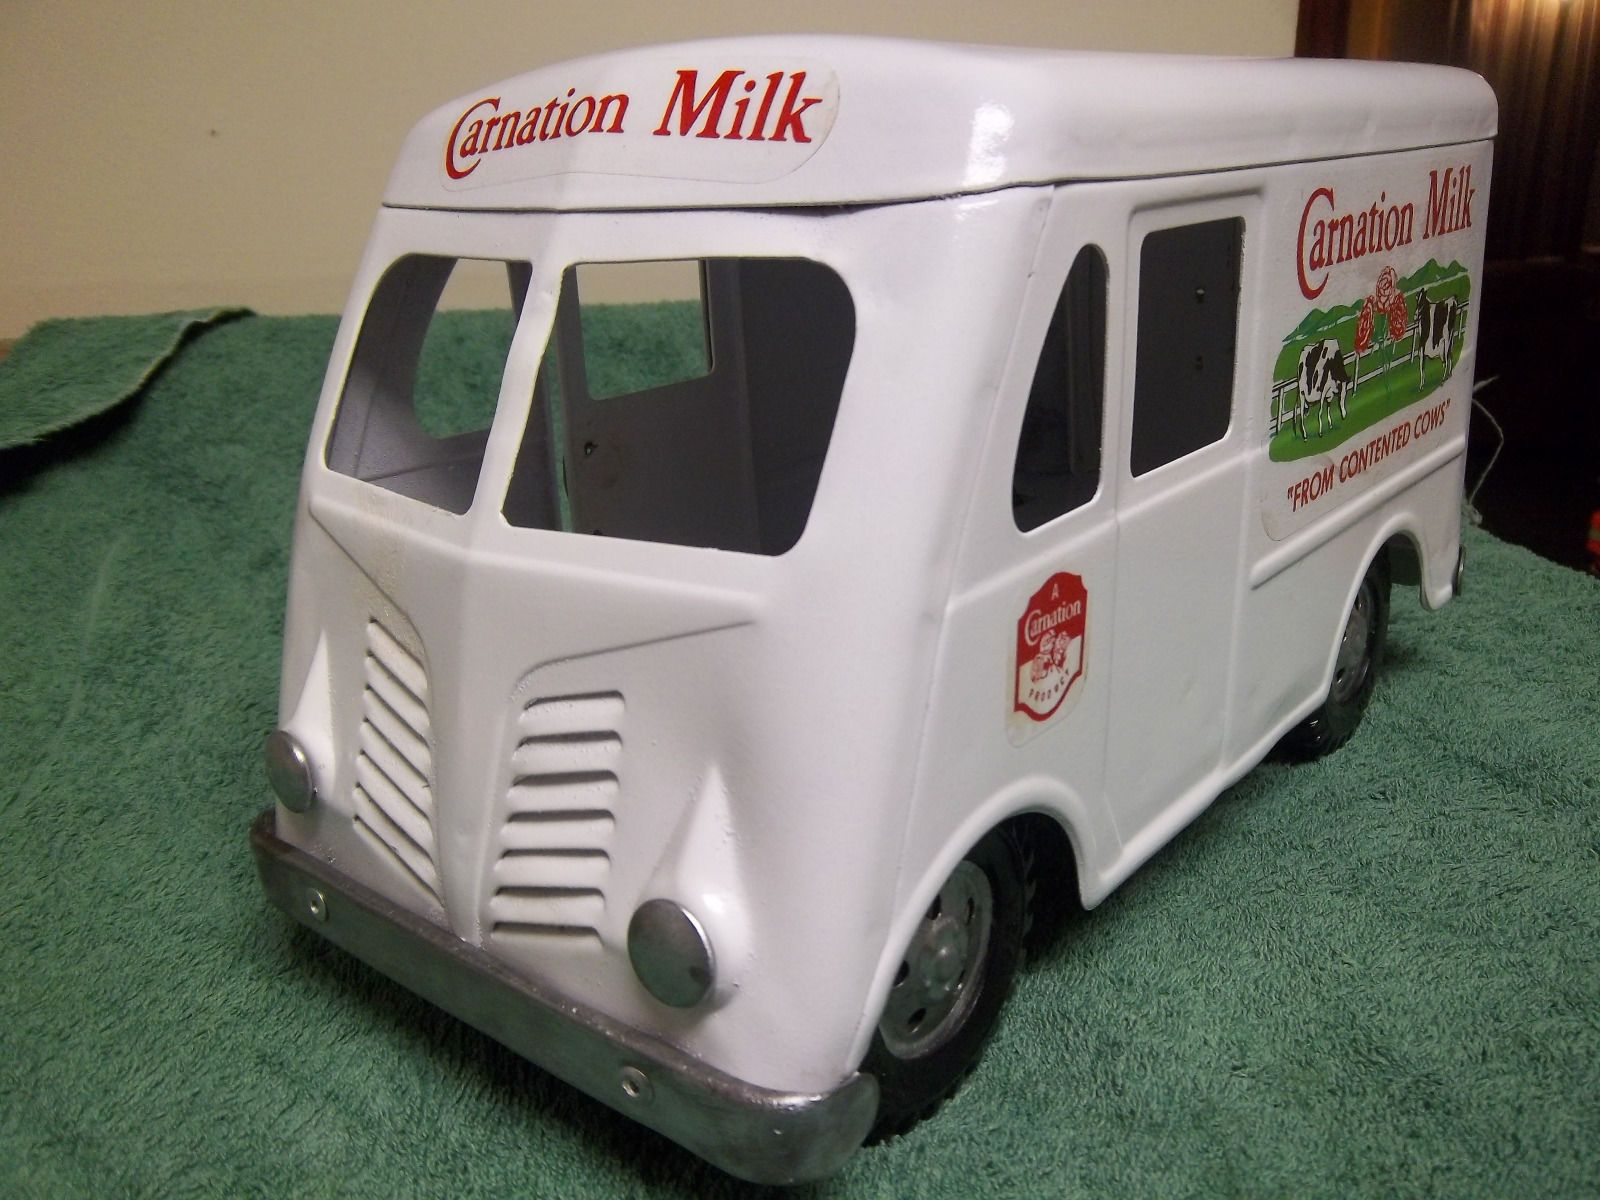 1955 TONKA CARNATION MILK DELIVERY VAN in Toys Hobbies Diecast